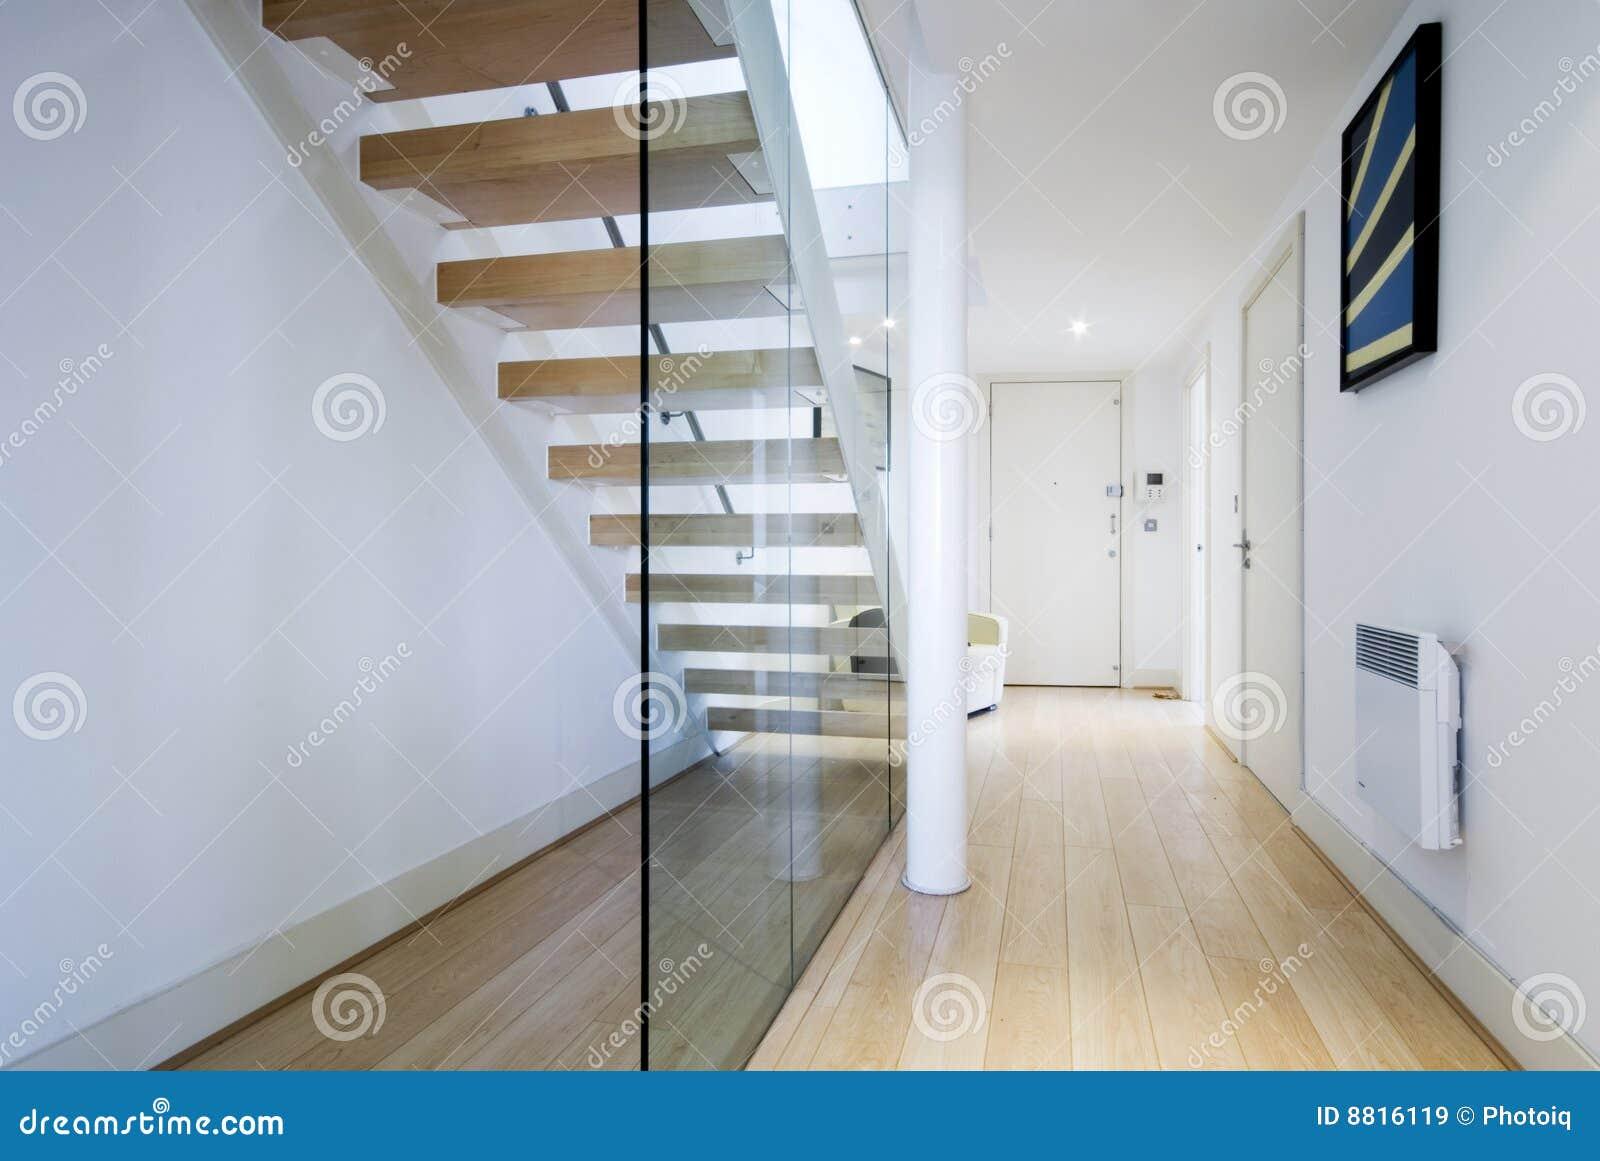 Hall d 39 entr e avec l 39 escalier images libres de droits for Deco hall d entree avec escalier